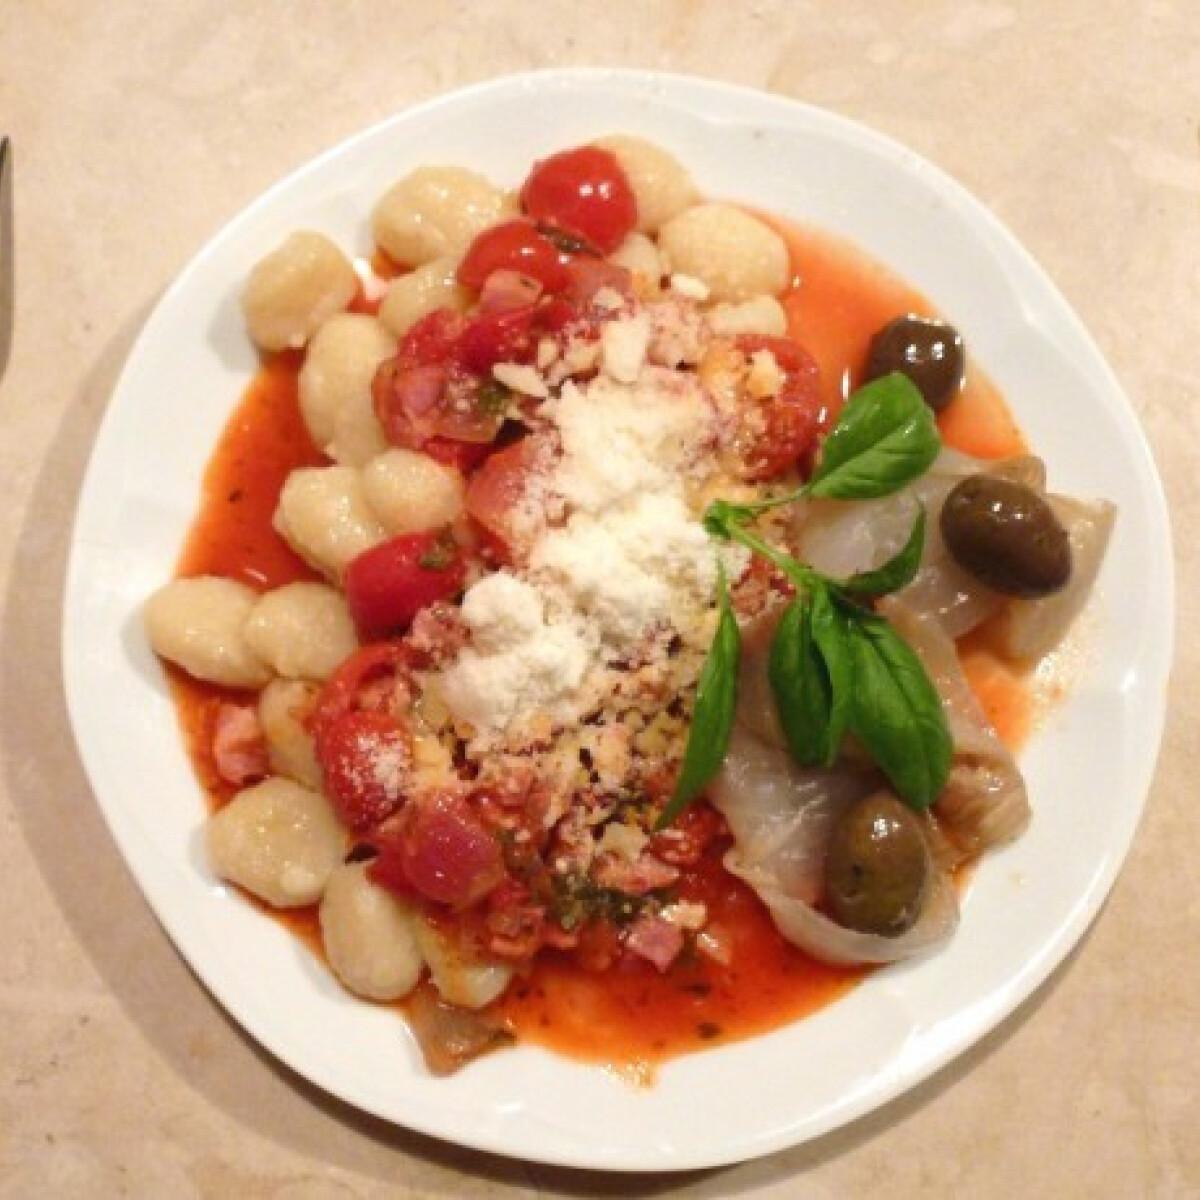 Ezen a képen: Gnocchi szicíliai paradicsommártással